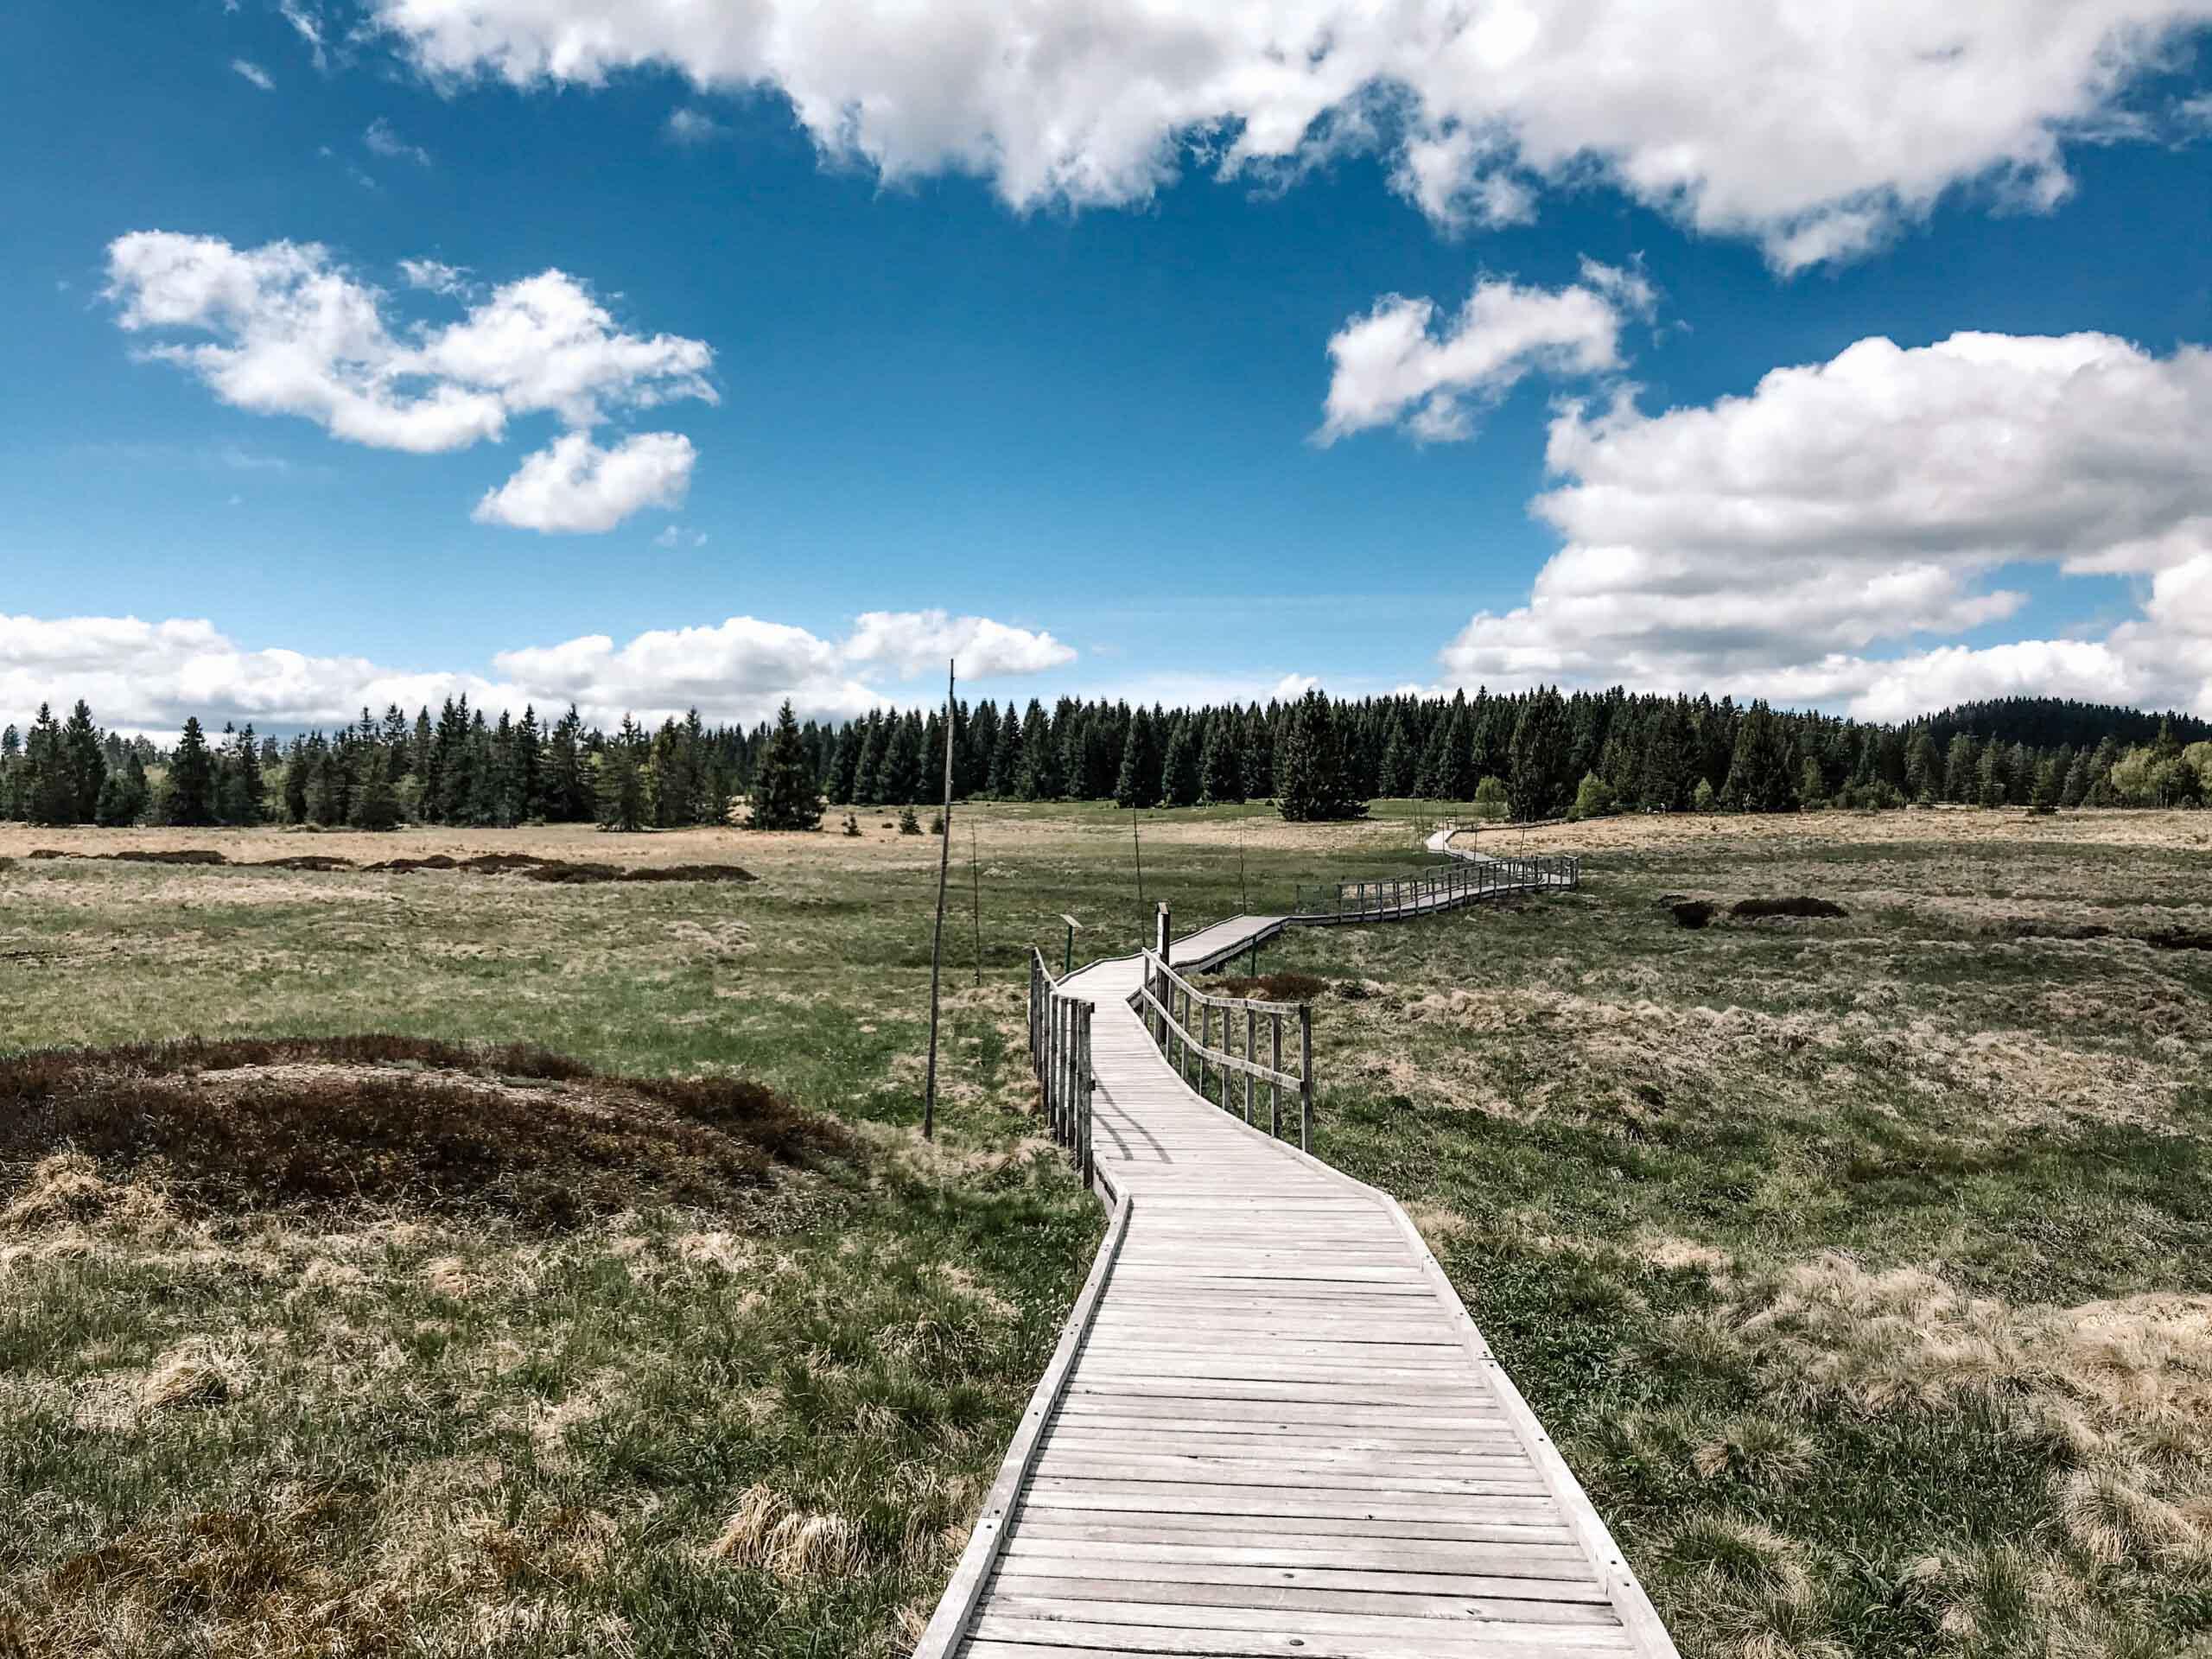 Božídarské rašeliniště - Krušné hory - Jiráci na cestách